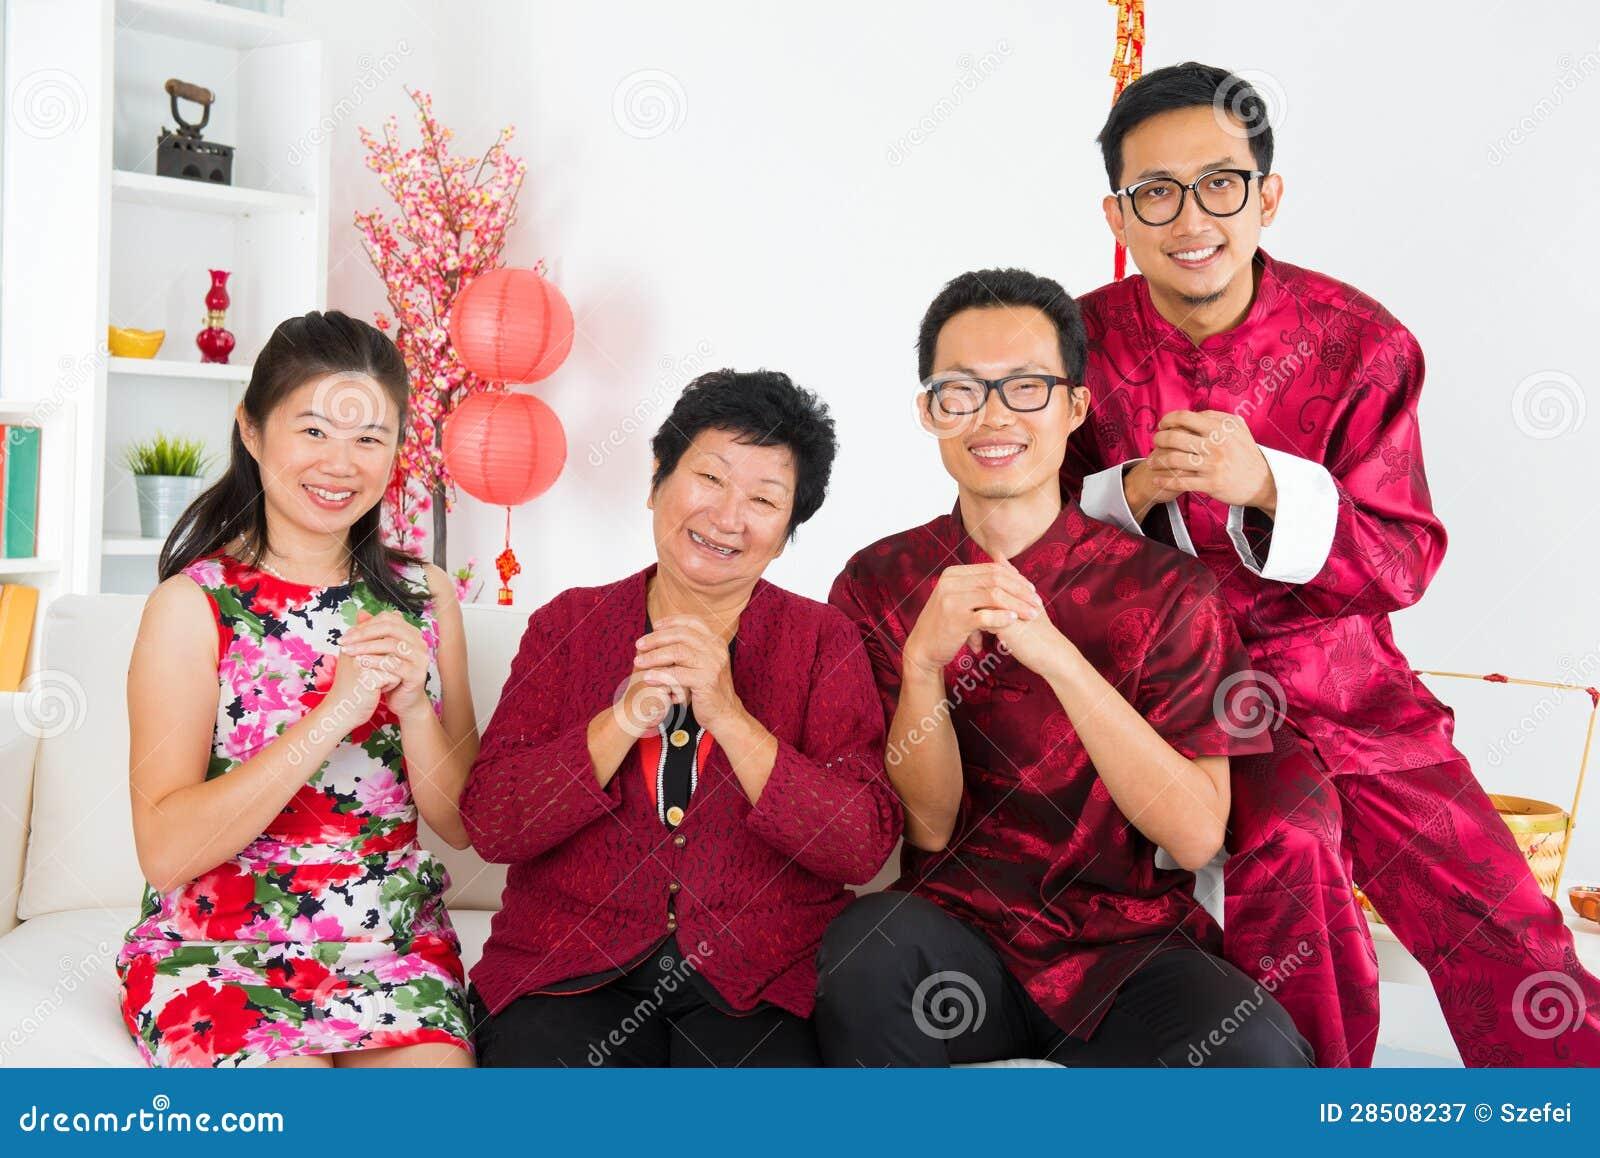 Azjatycki zjazd rodzinny w domu.